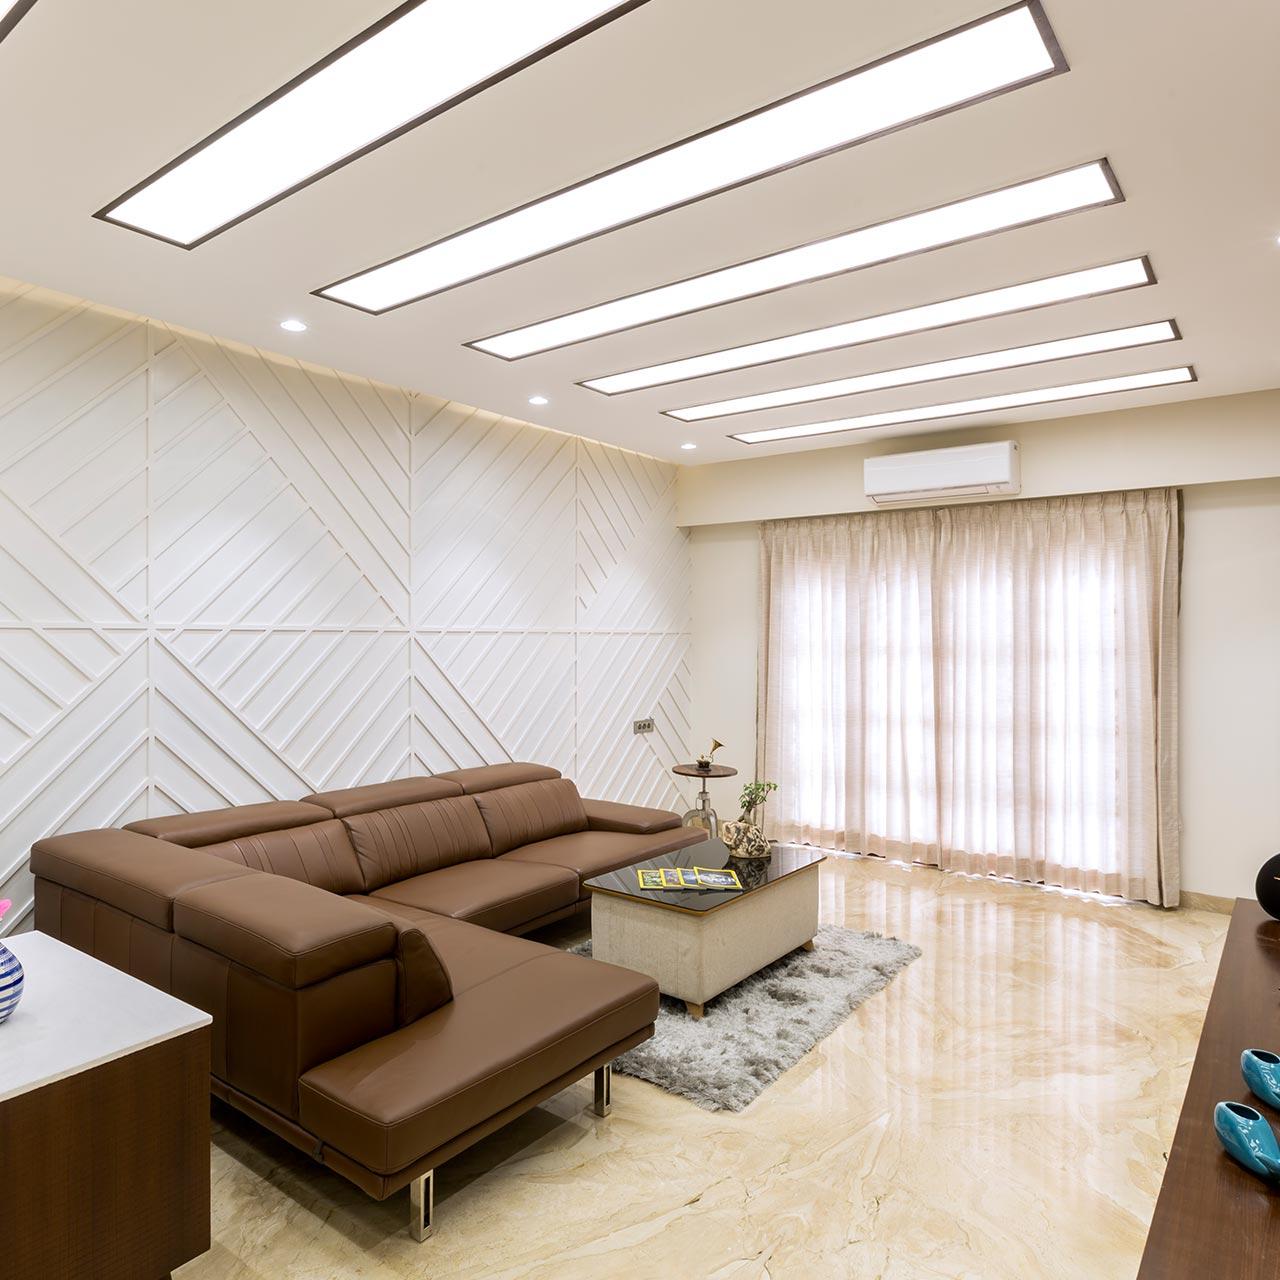 Large Furnitures That Multitask